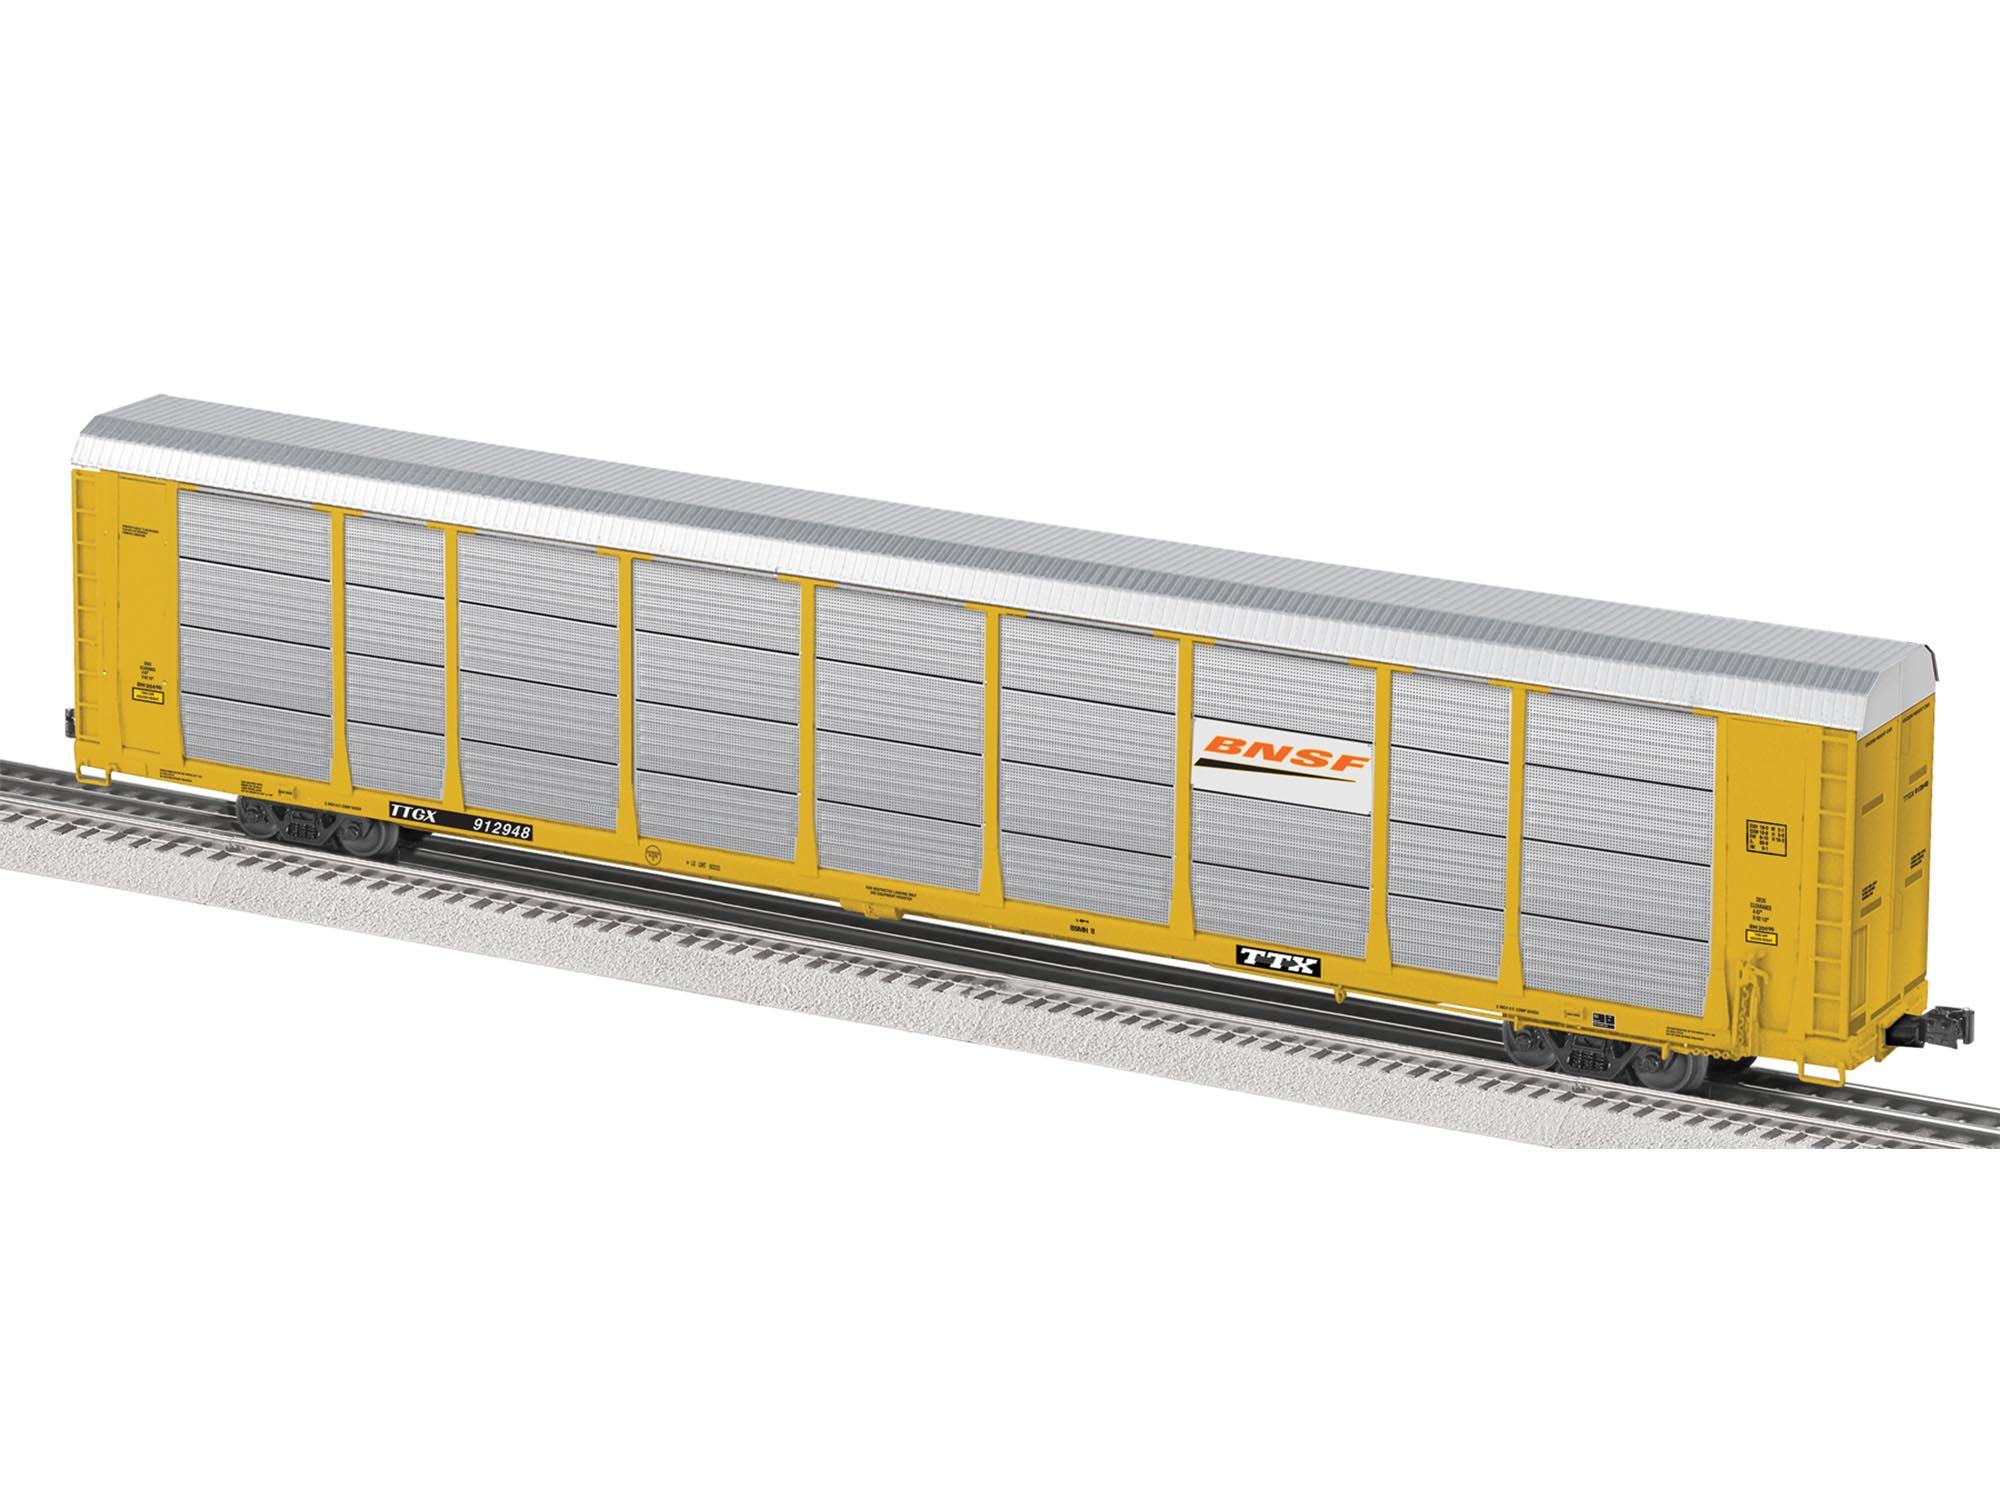 Model Train Racks : Santa usa